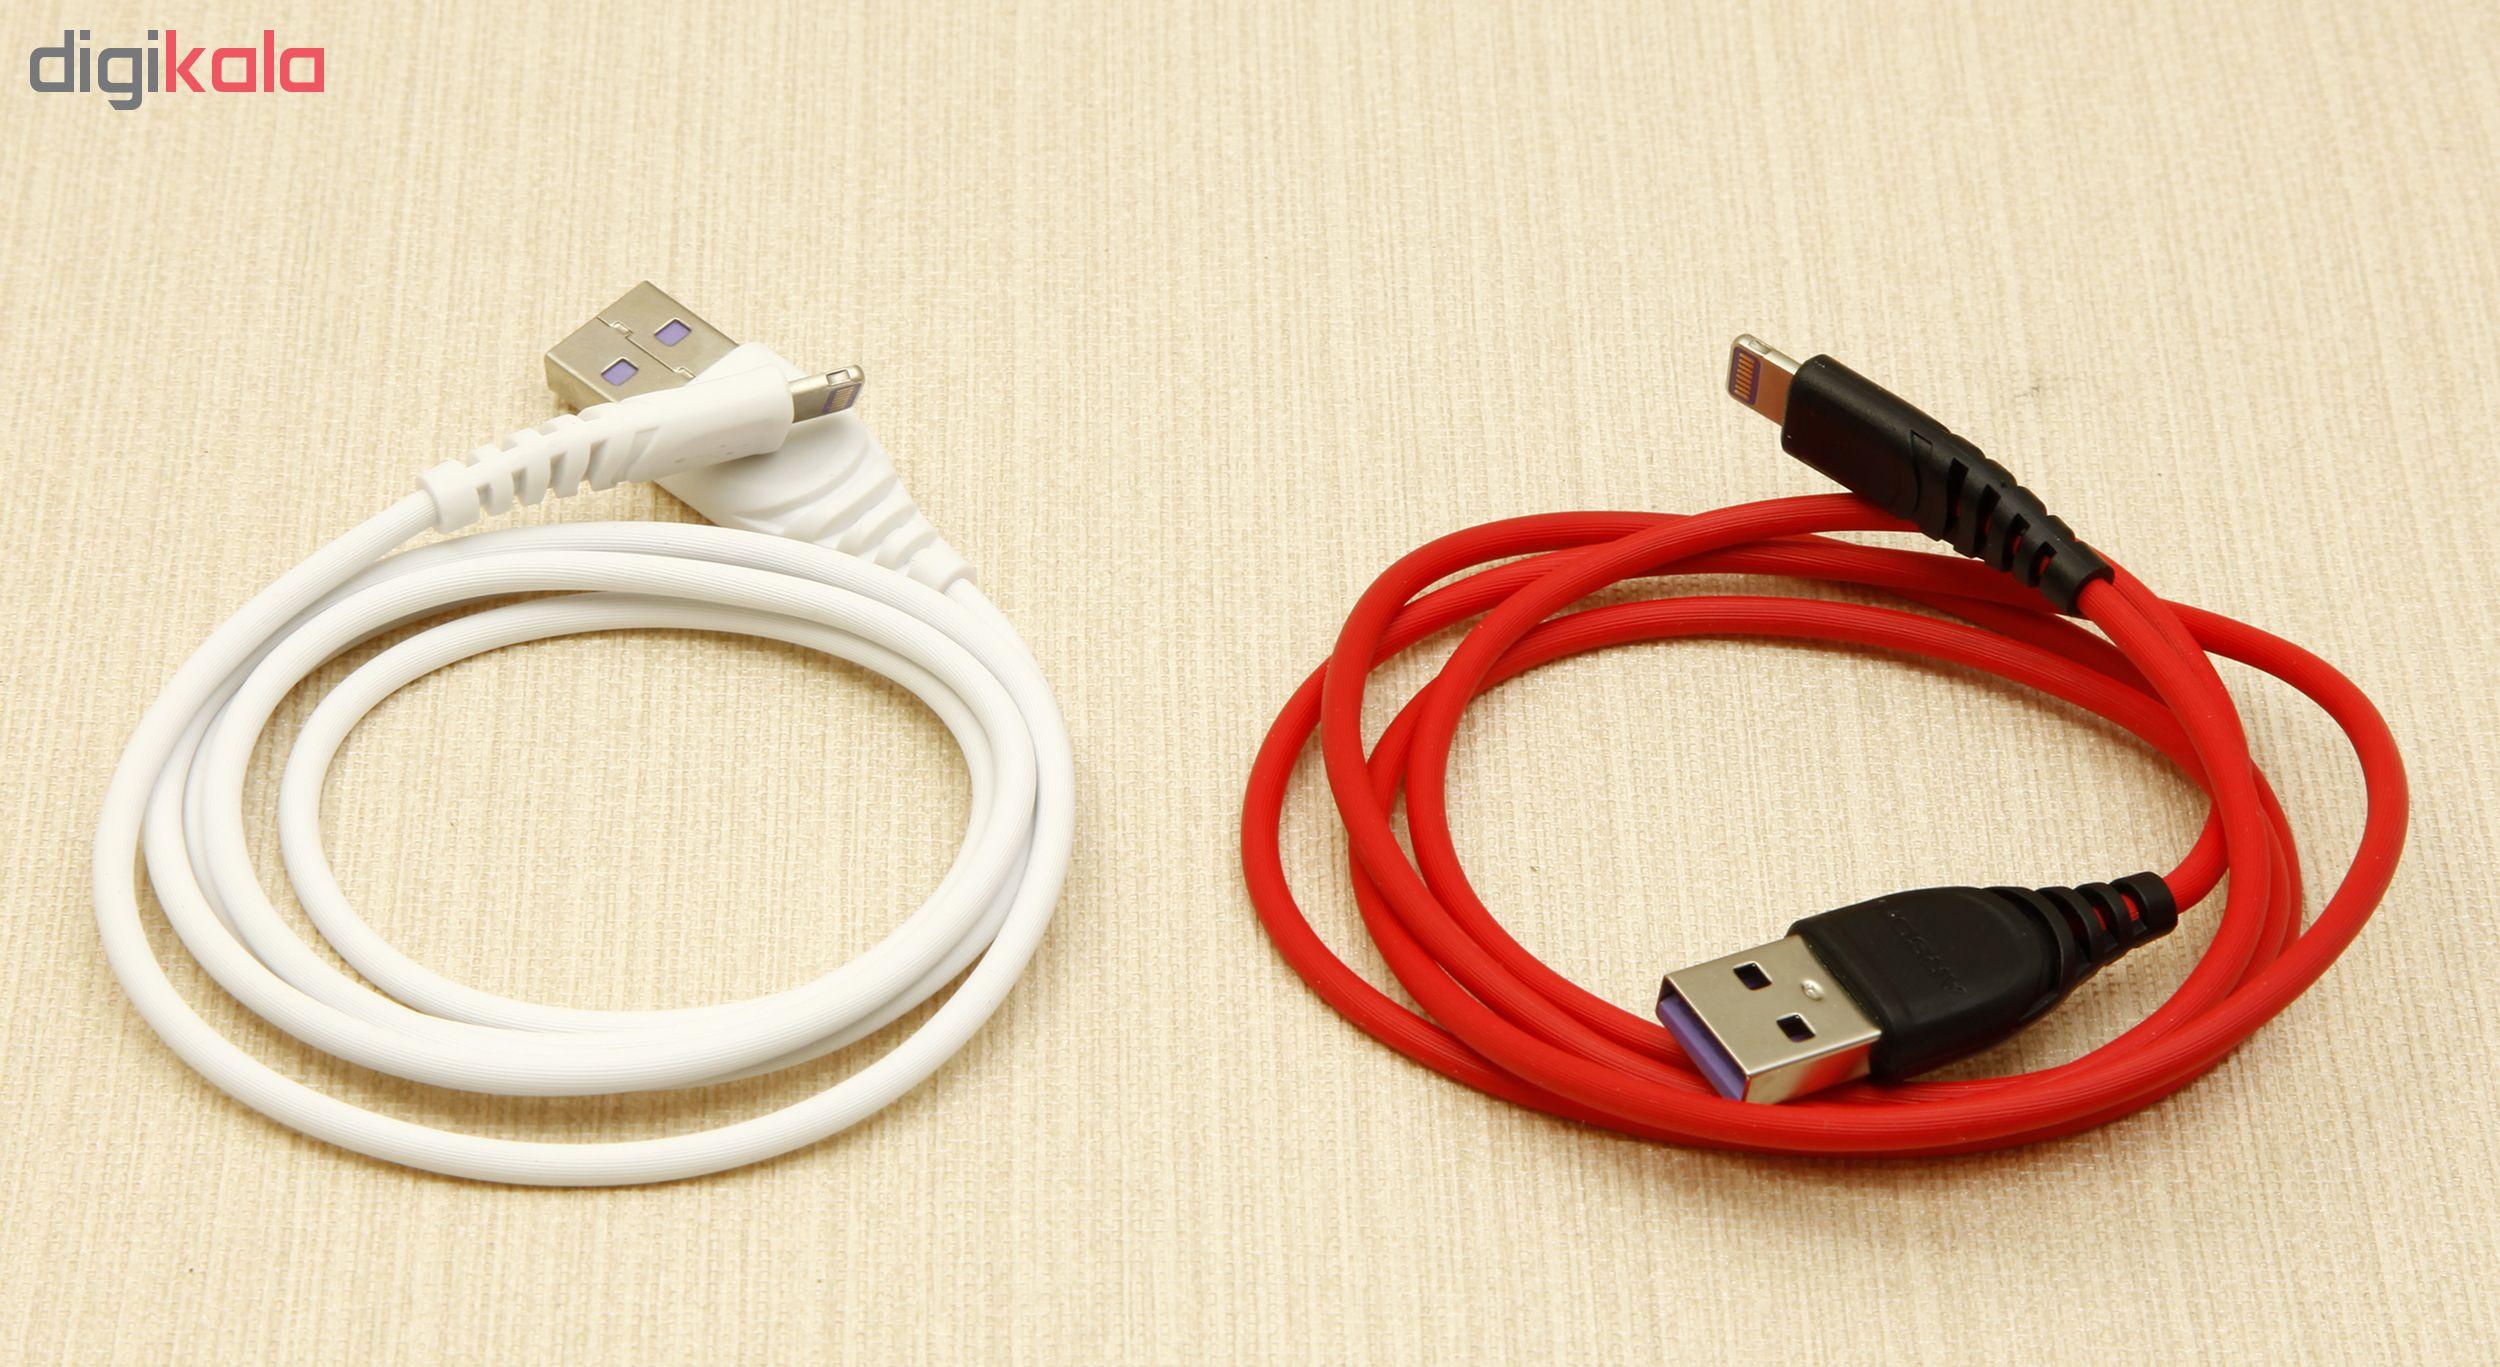 کابل تبدیل USB به لایتنینگ آرسون مدل S1 طول 1 متر